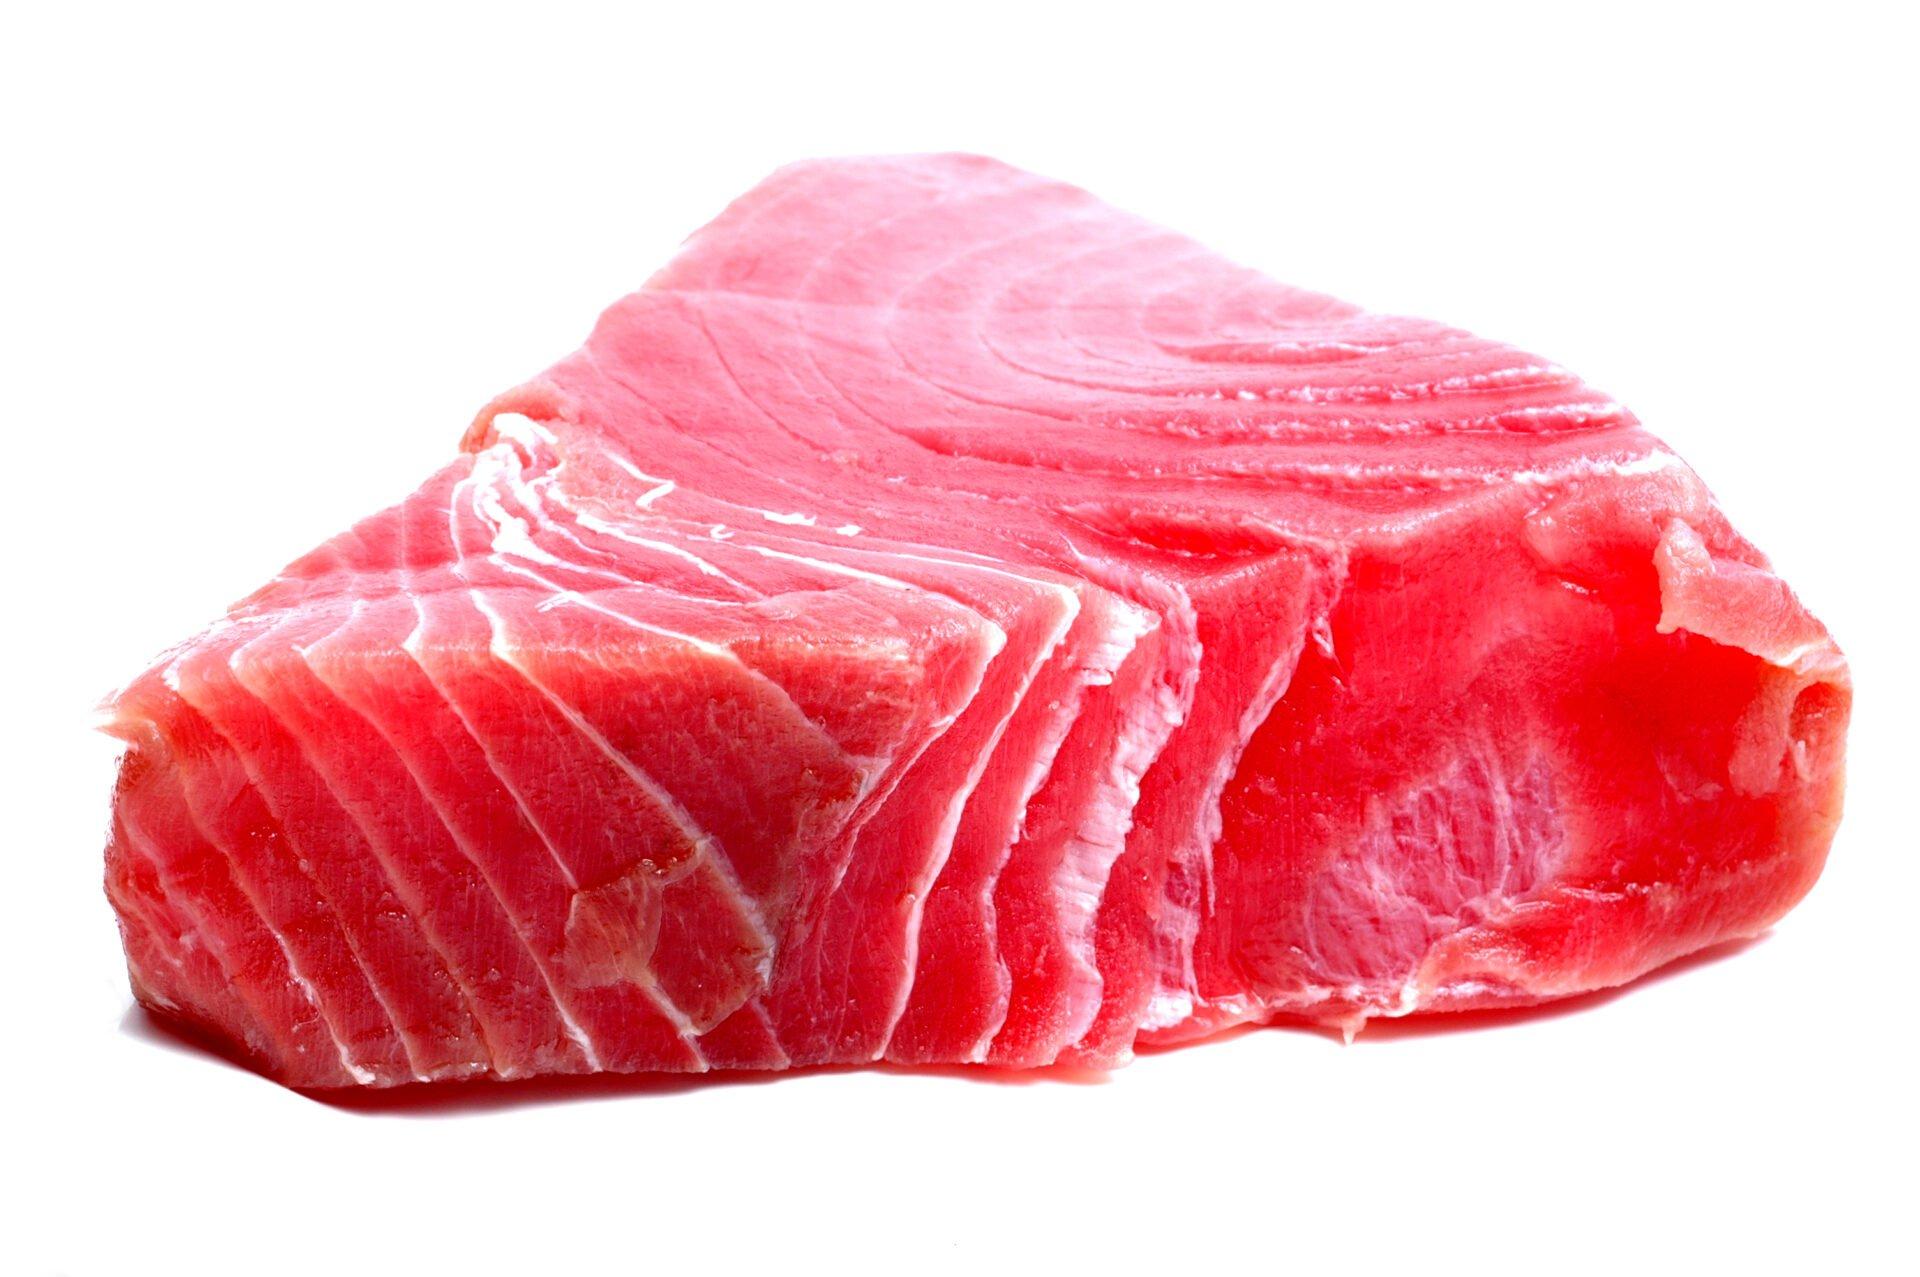 yellow fin tuna steak